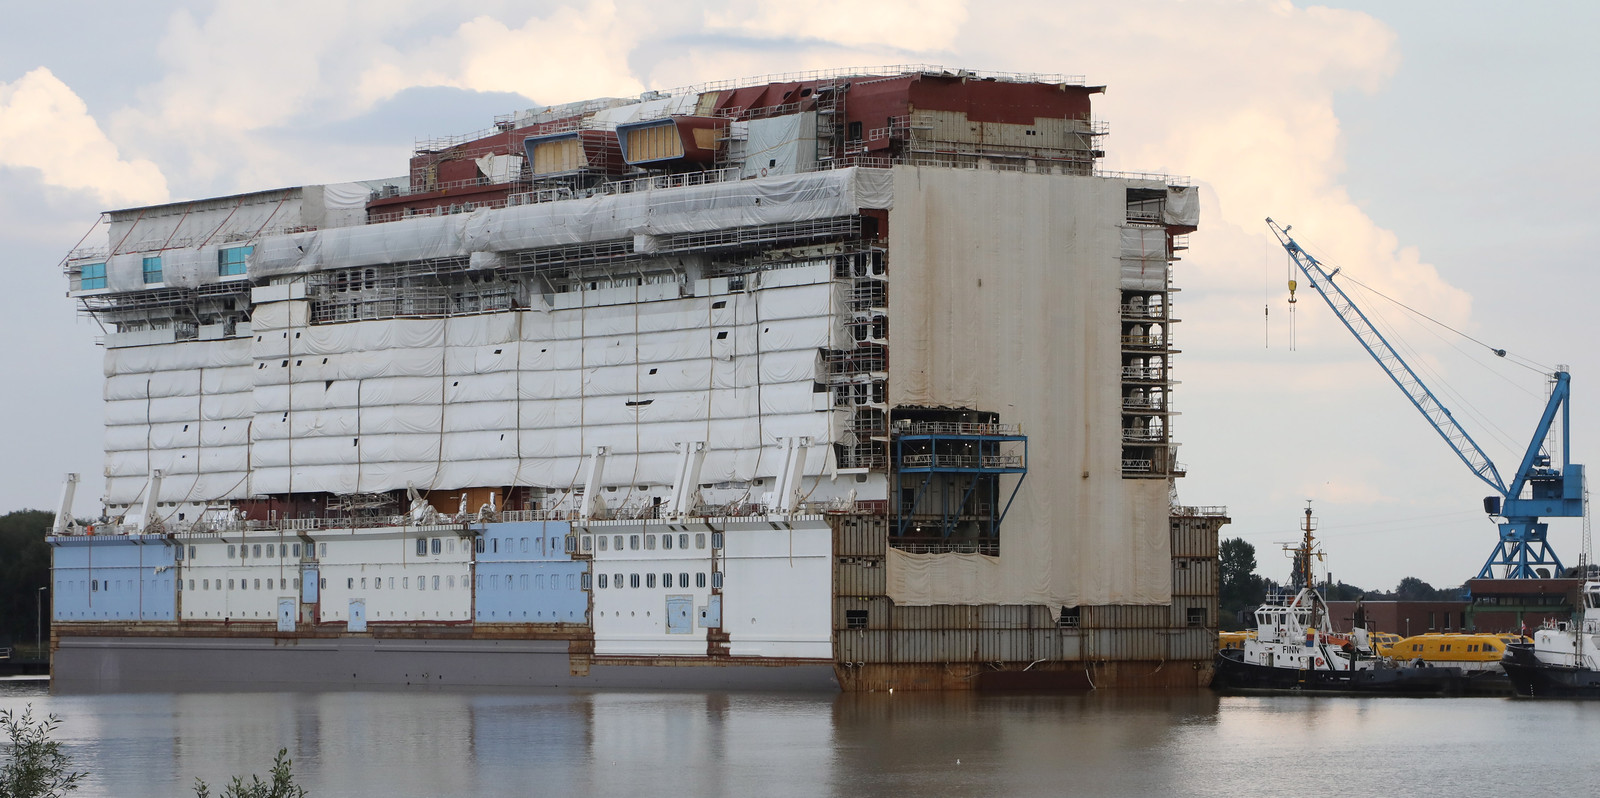 Bouw van cruiseschip Spectrum of the Seas bij de Meyer Werft Gruppe in Papenburg. Augustus 2018.